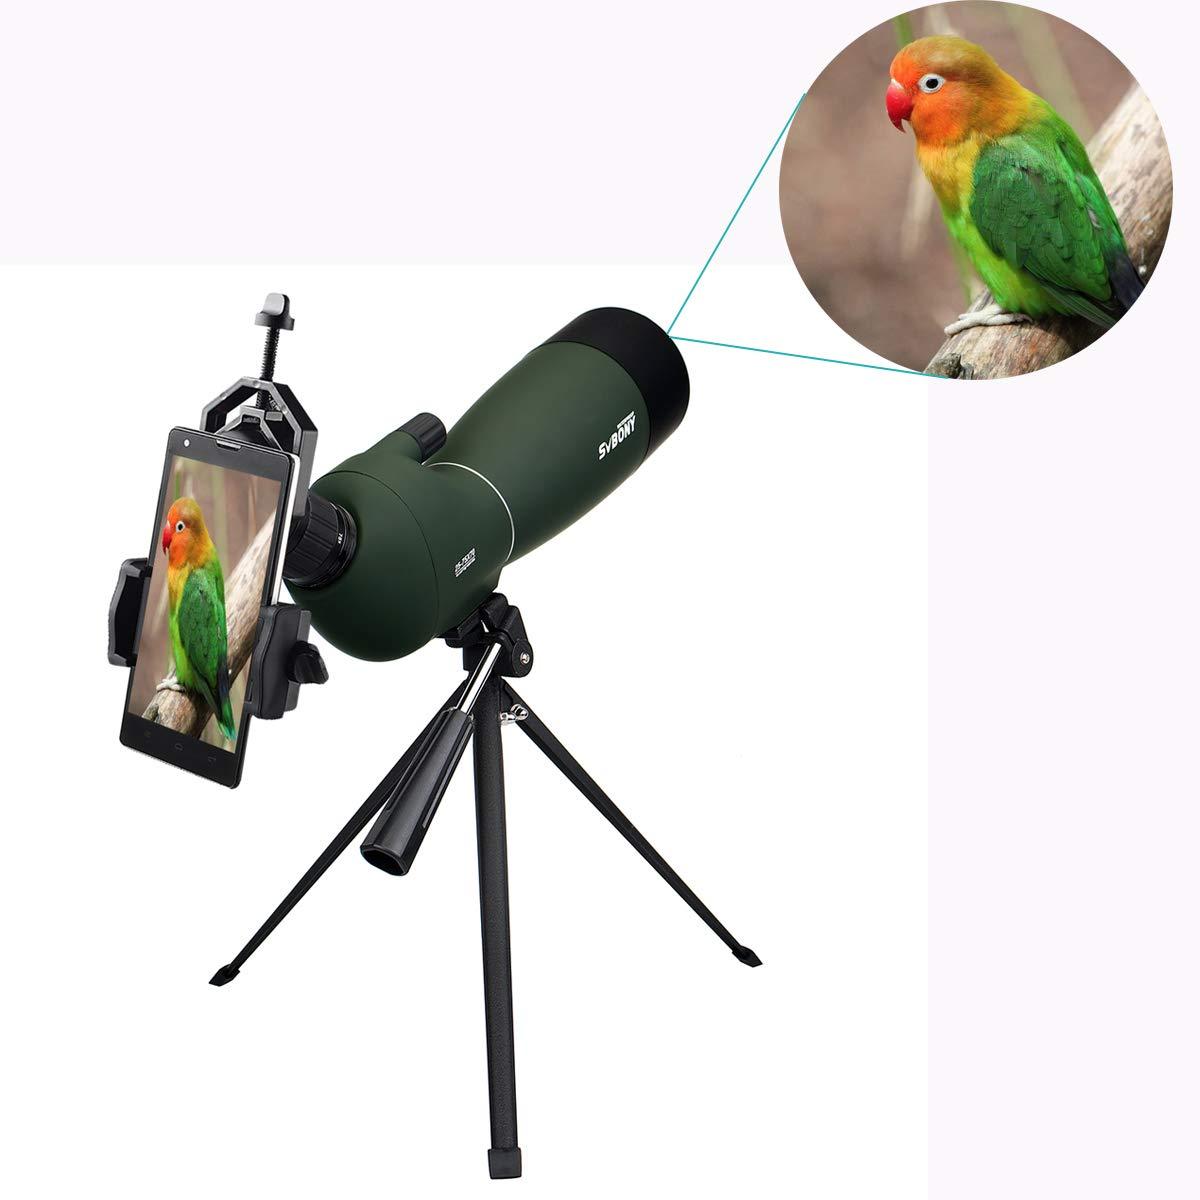 Svbony SV28 Telescopio Terrestre 20-60x80mm IP65 Waterproof Bak-4 Prism Catalejo con Trípode y Adaptador de Smartphone para la Observación de Aves: ...